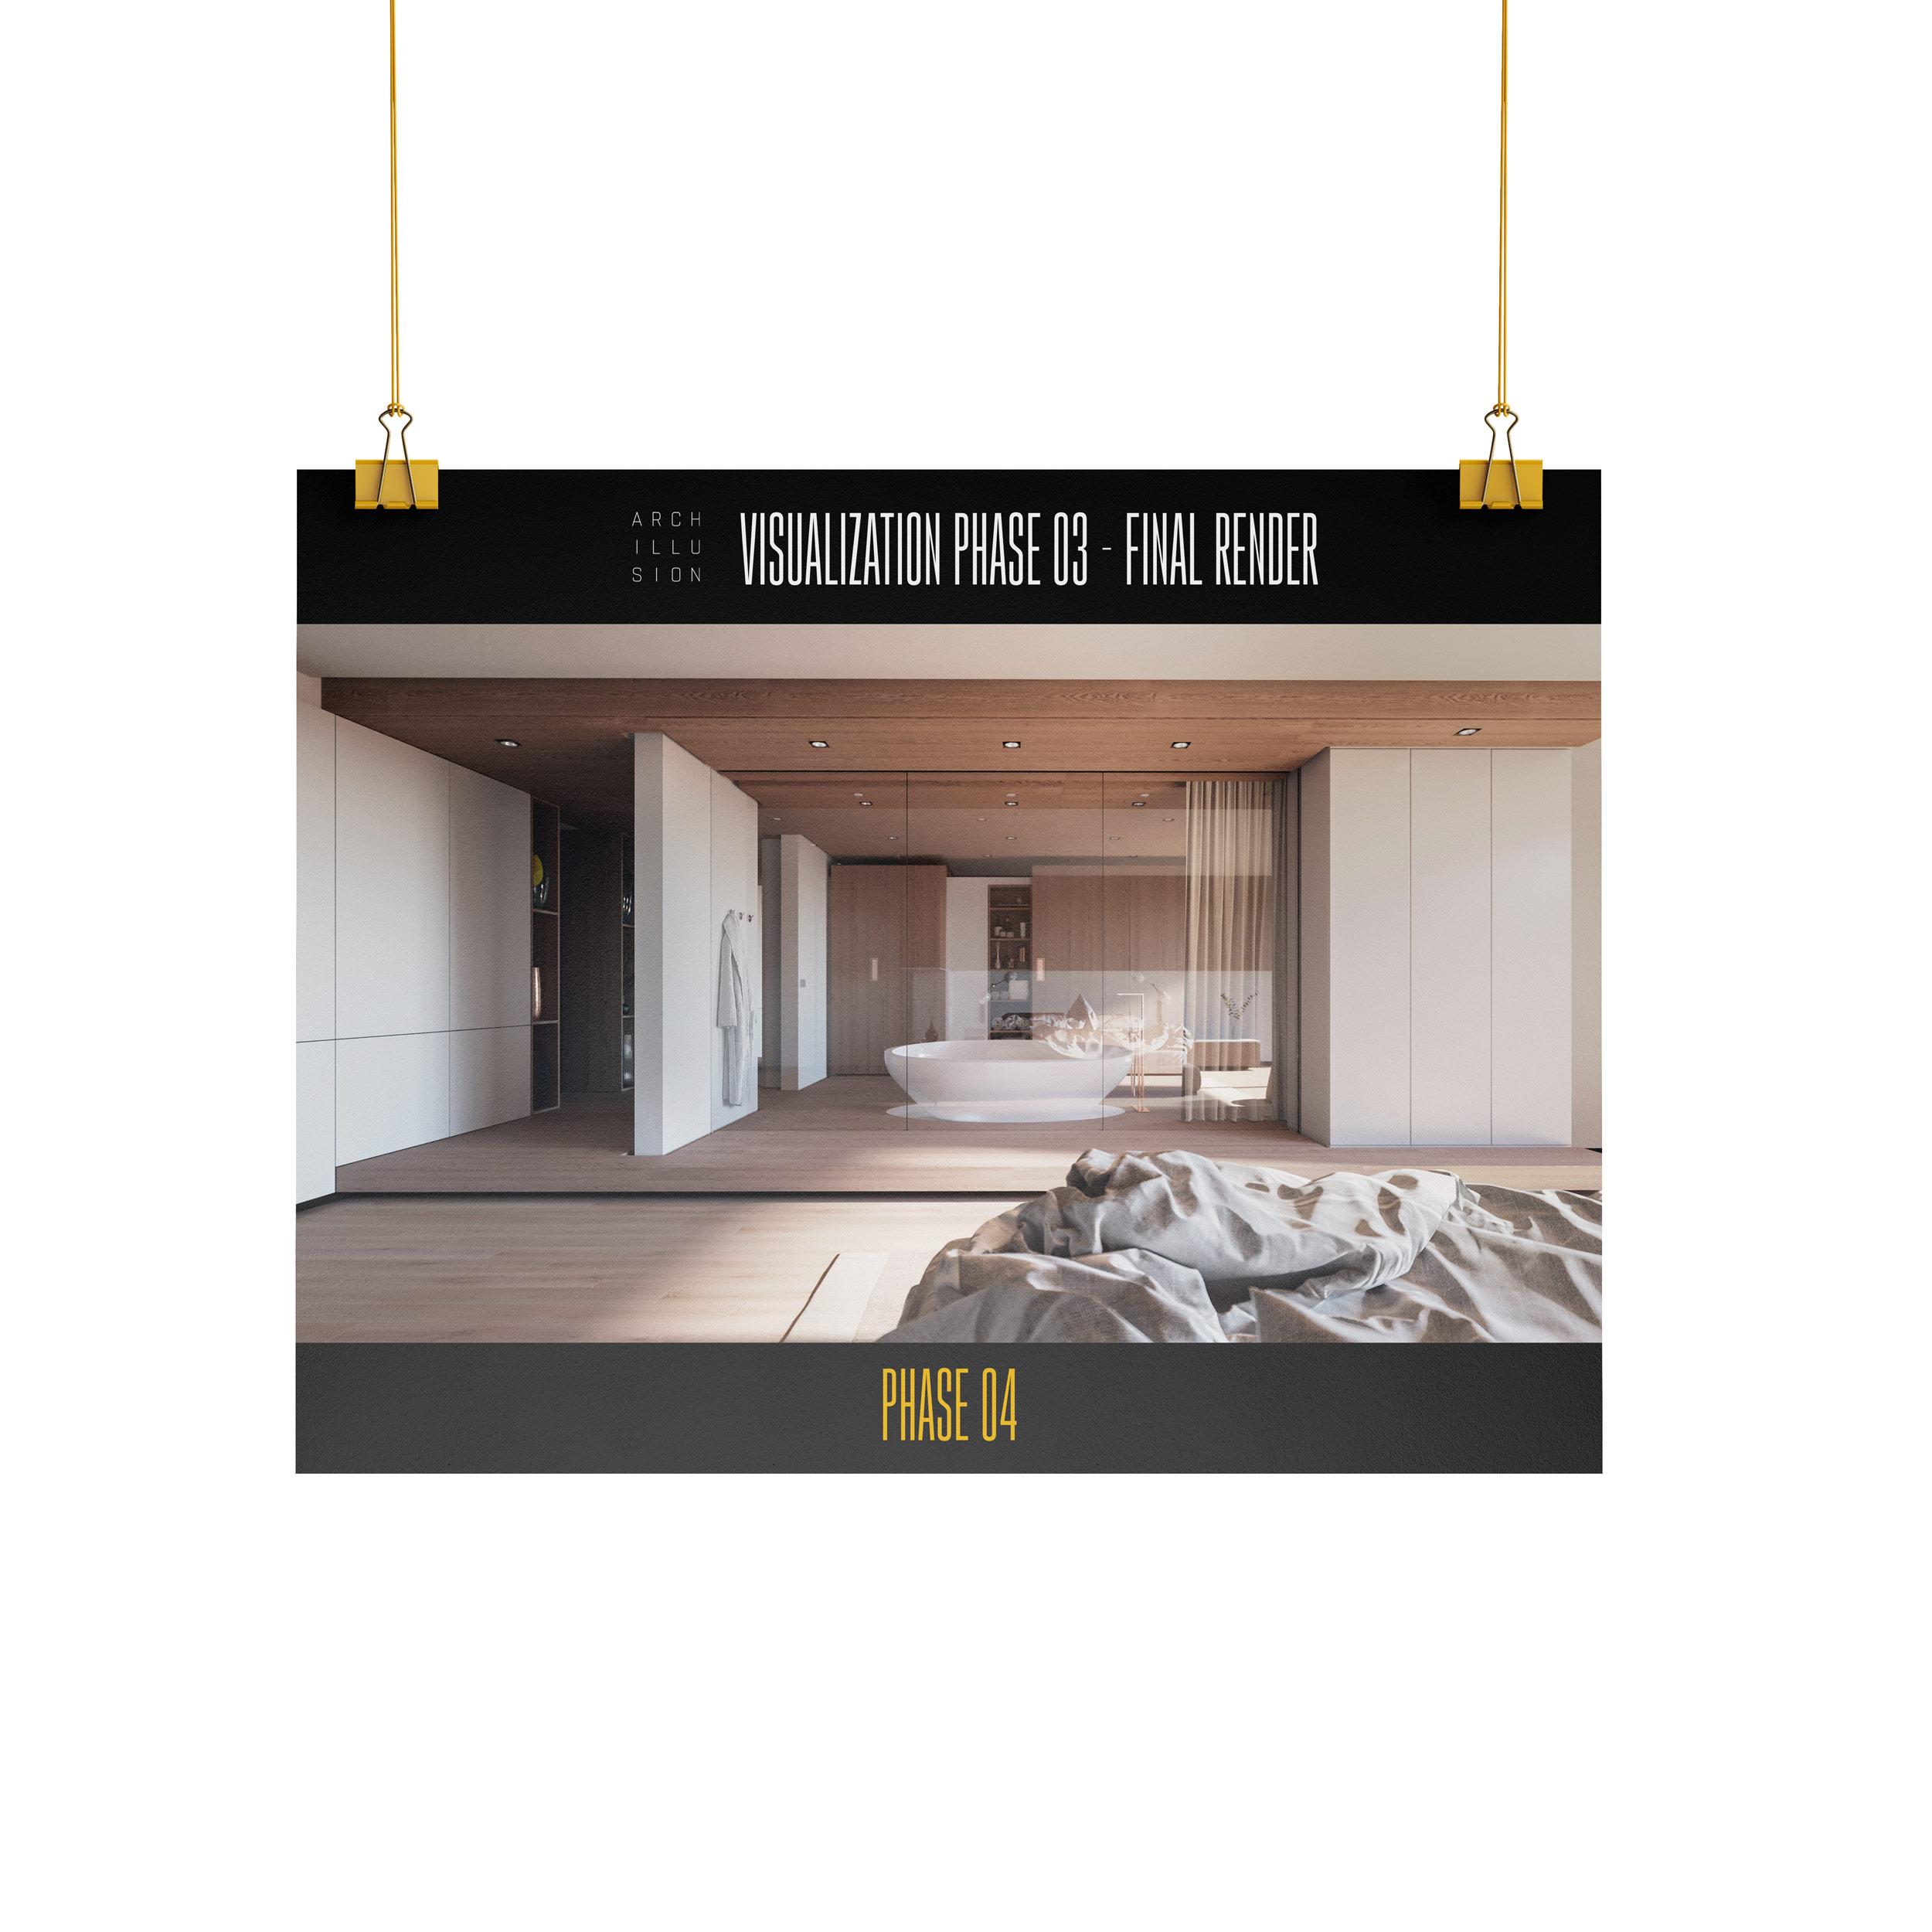 master-bedroom-final-render-visualizaiton-01.jpg